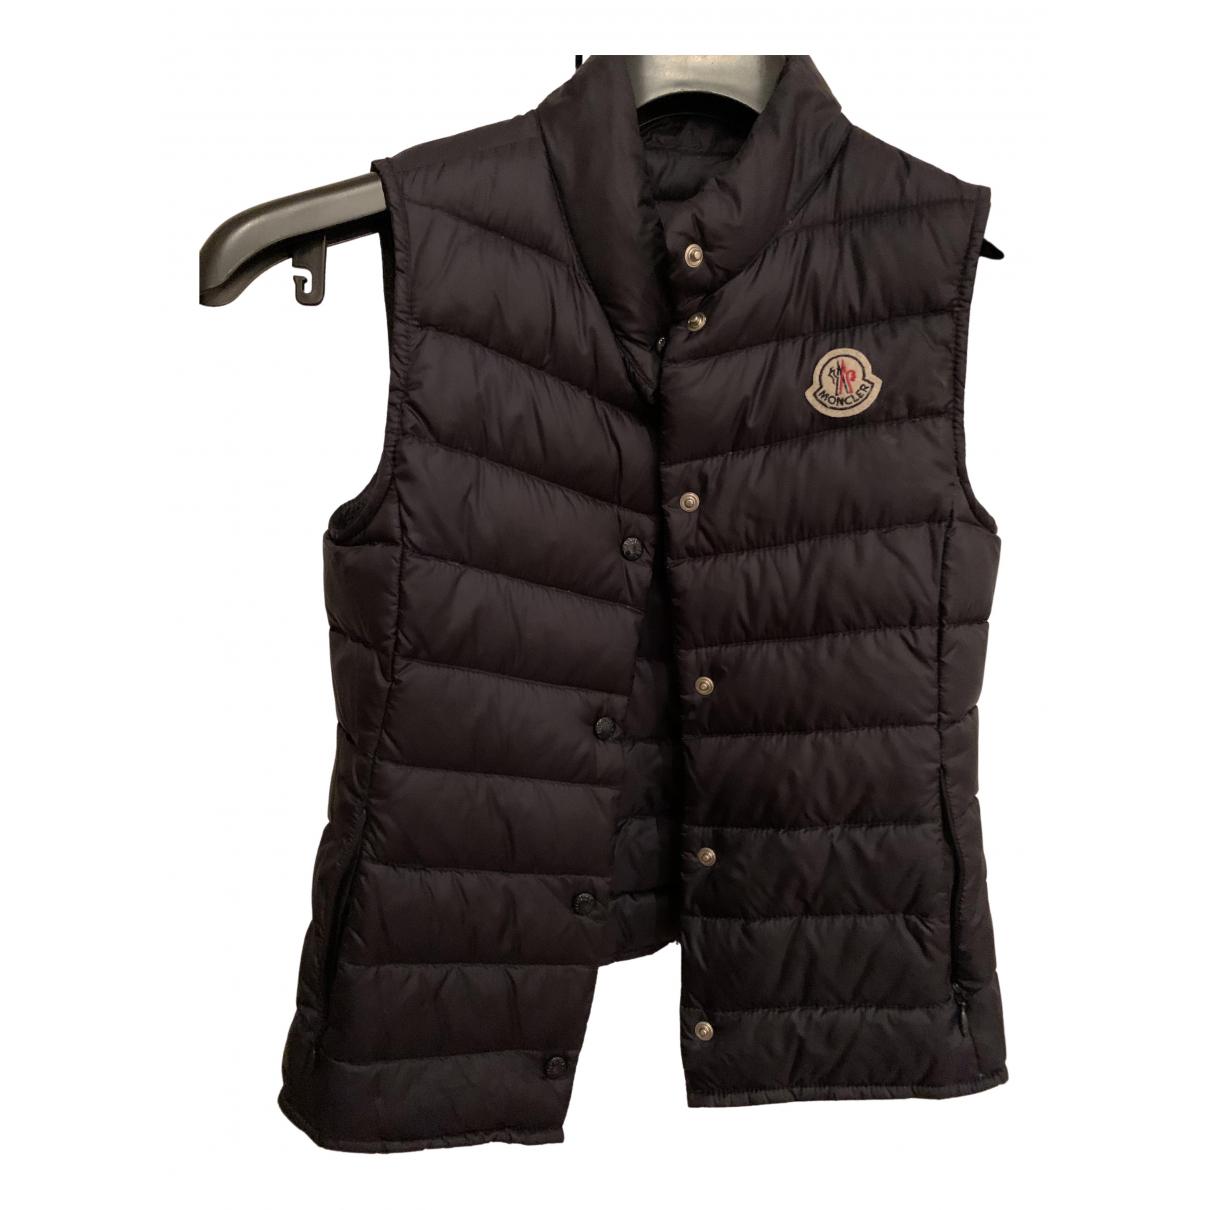 Moncler - Blousons.Manteaux Sleeveless pour enfant - marine